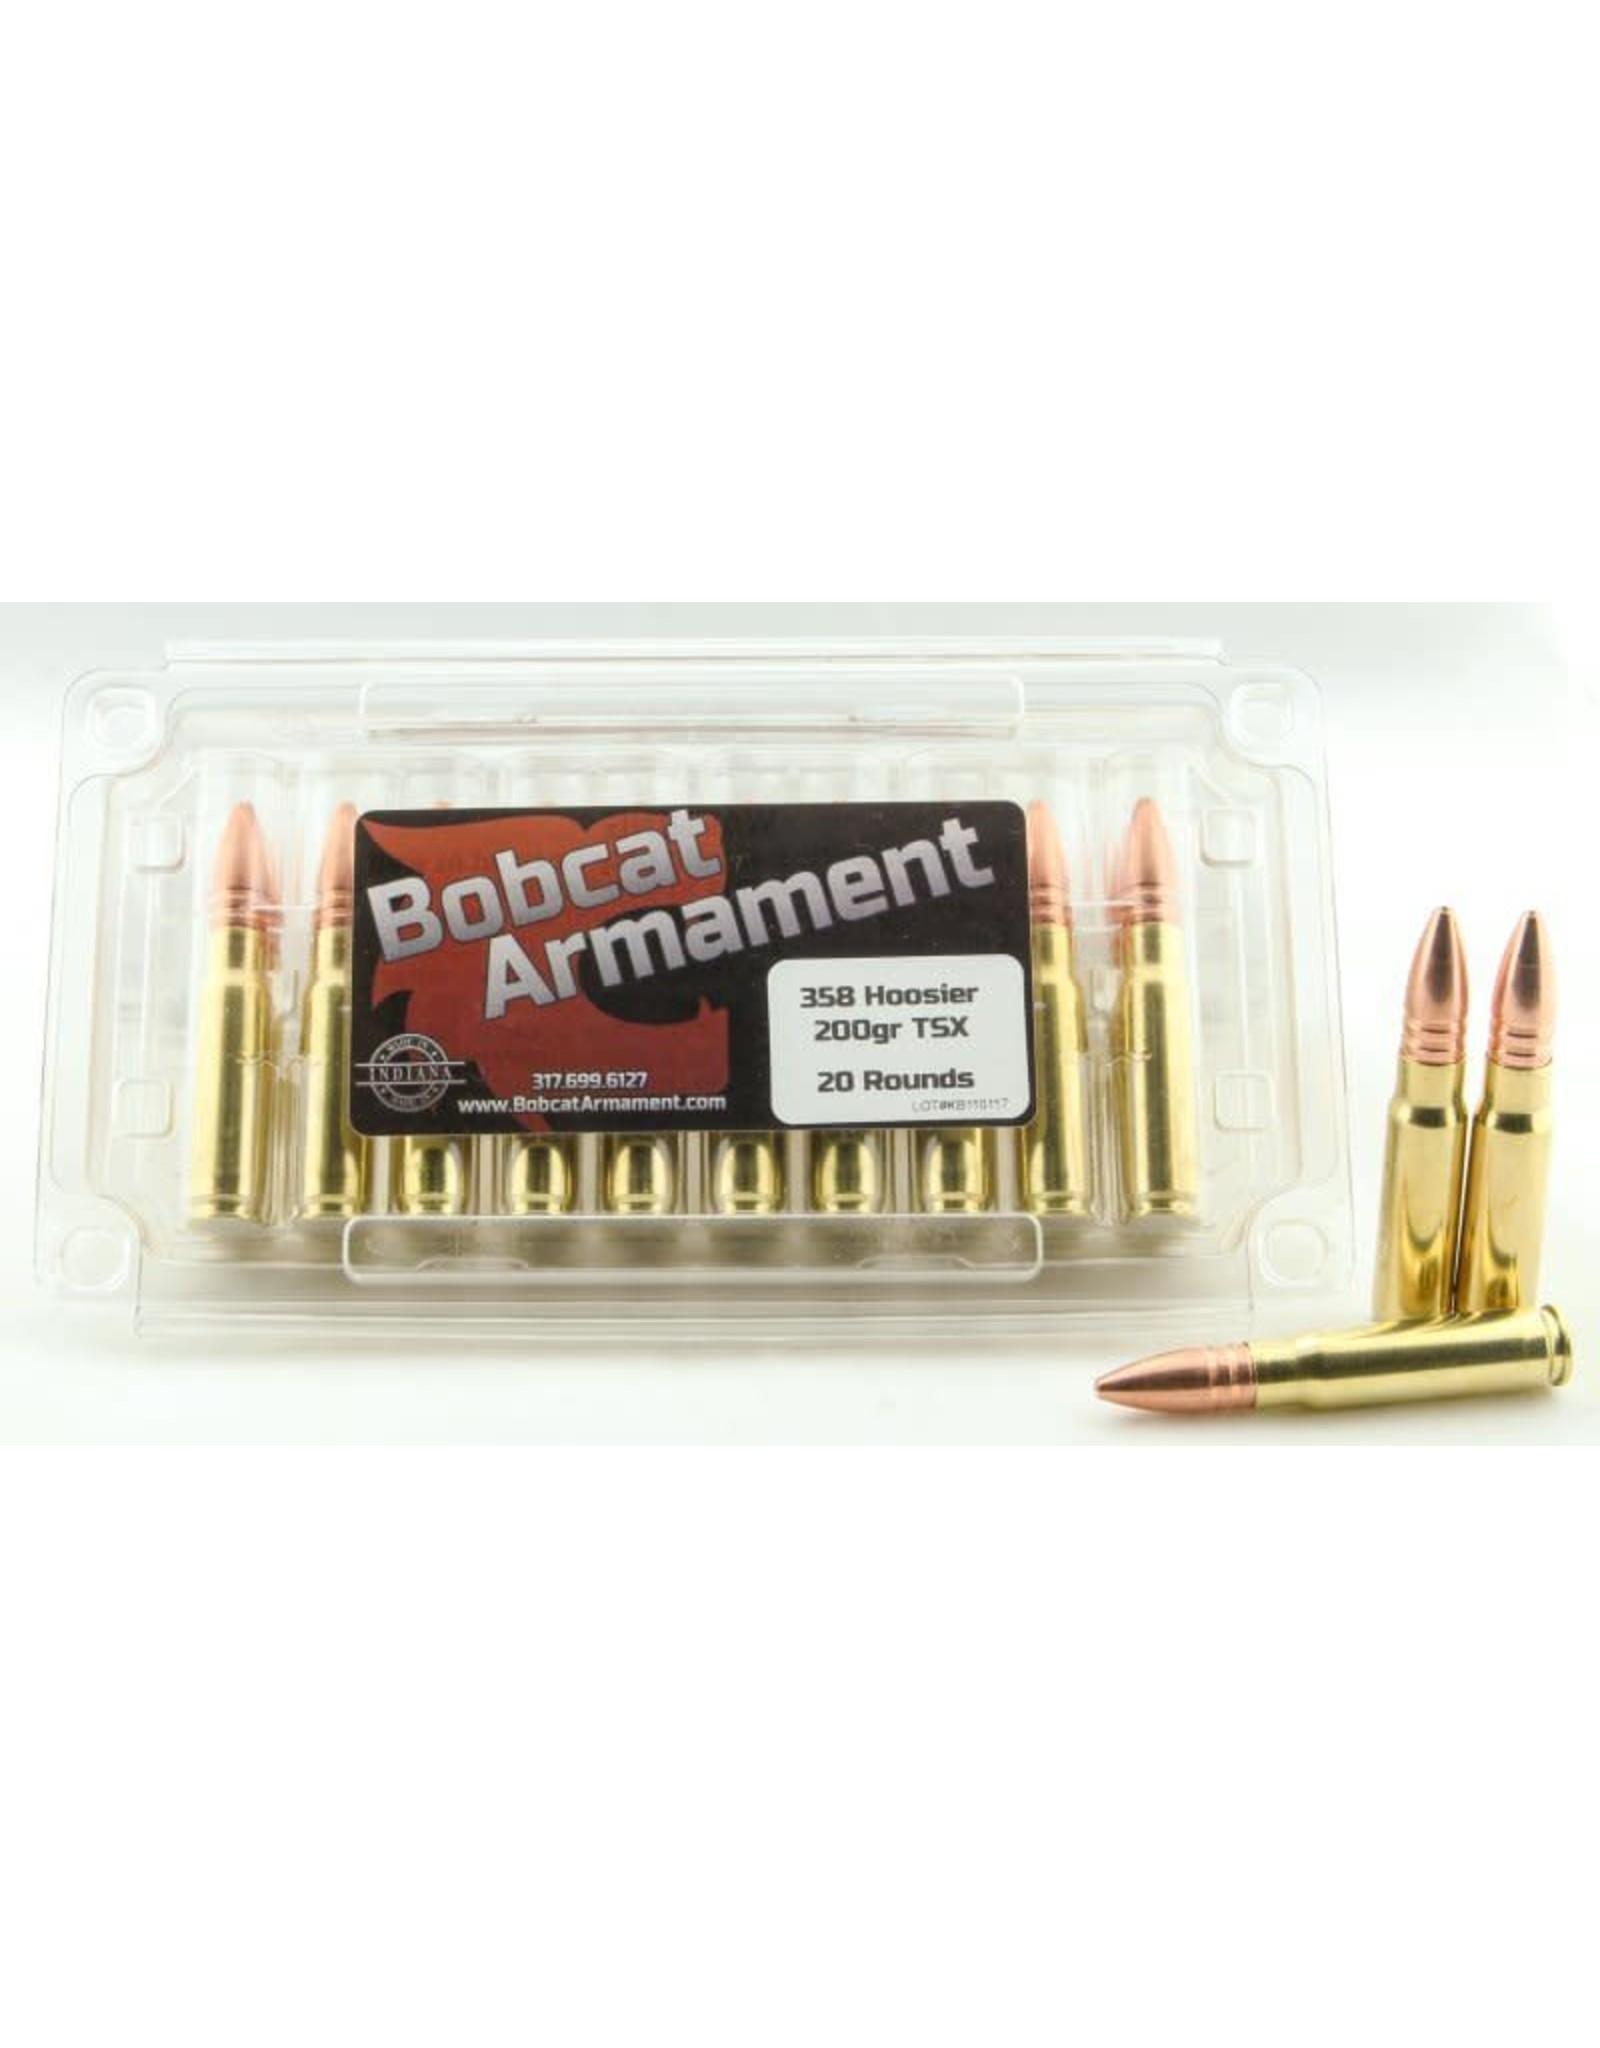 Bobcat Armament 358 Hoosier -  200gr TSX 20 count